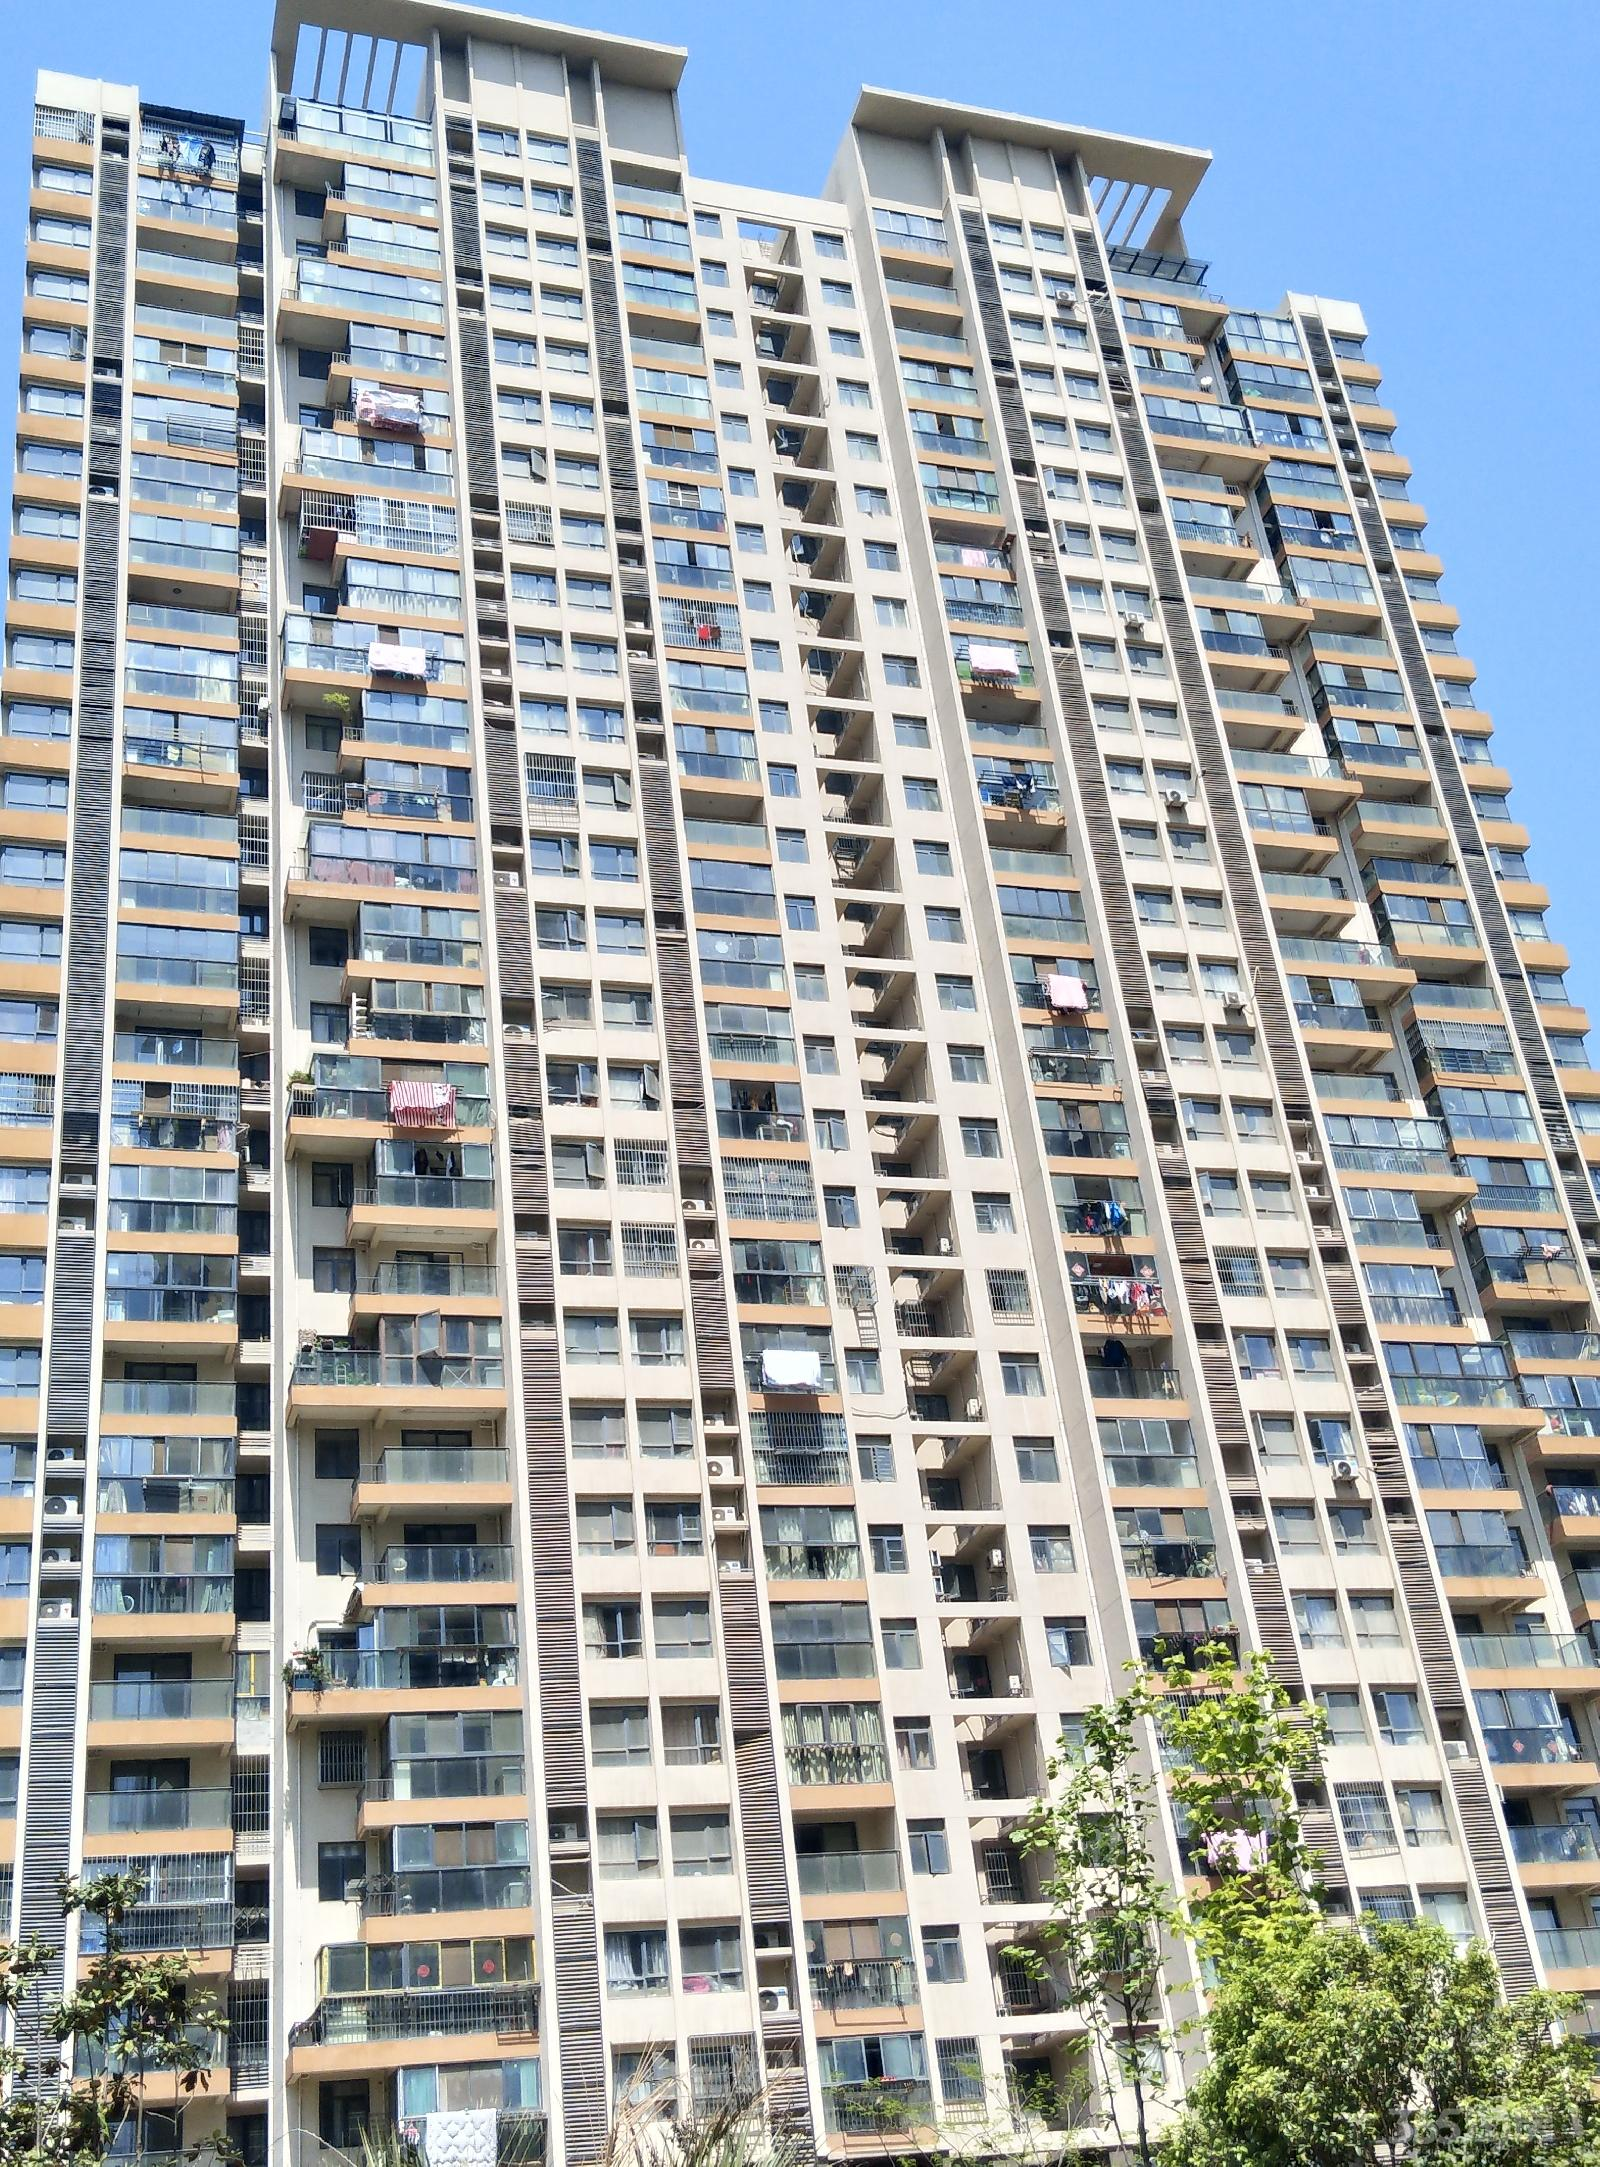 仙林悦城3室2厅1卫108.00平米整租简装